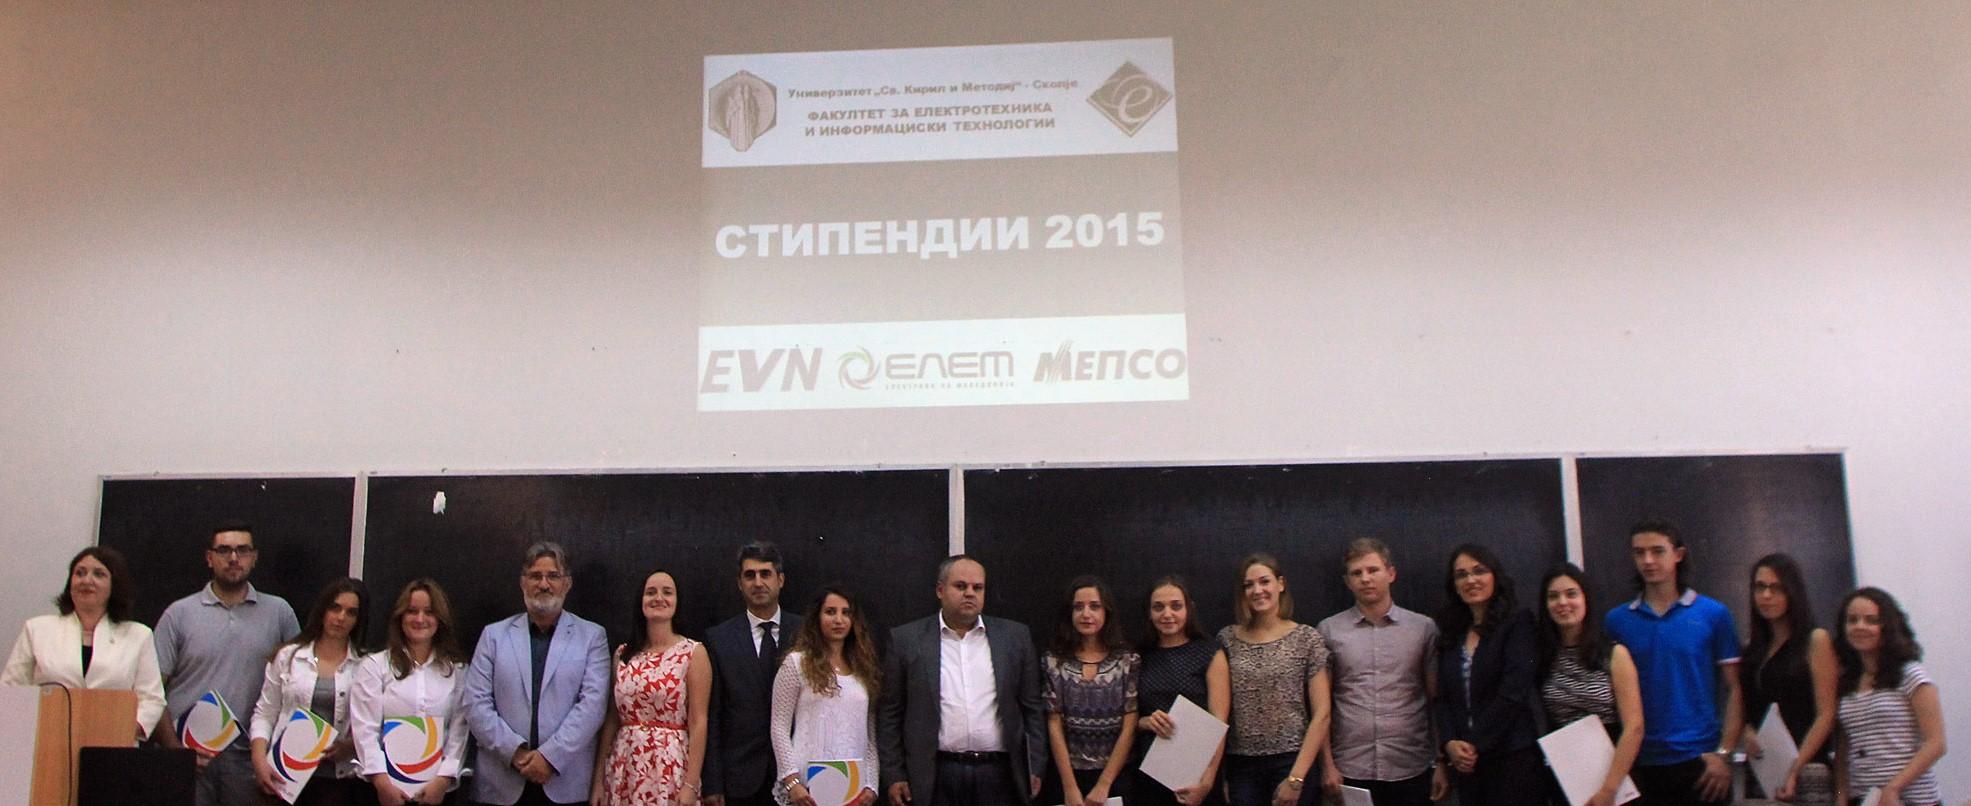 Новата академска година на ФЕИТ започна со доделување на 14 стипендии